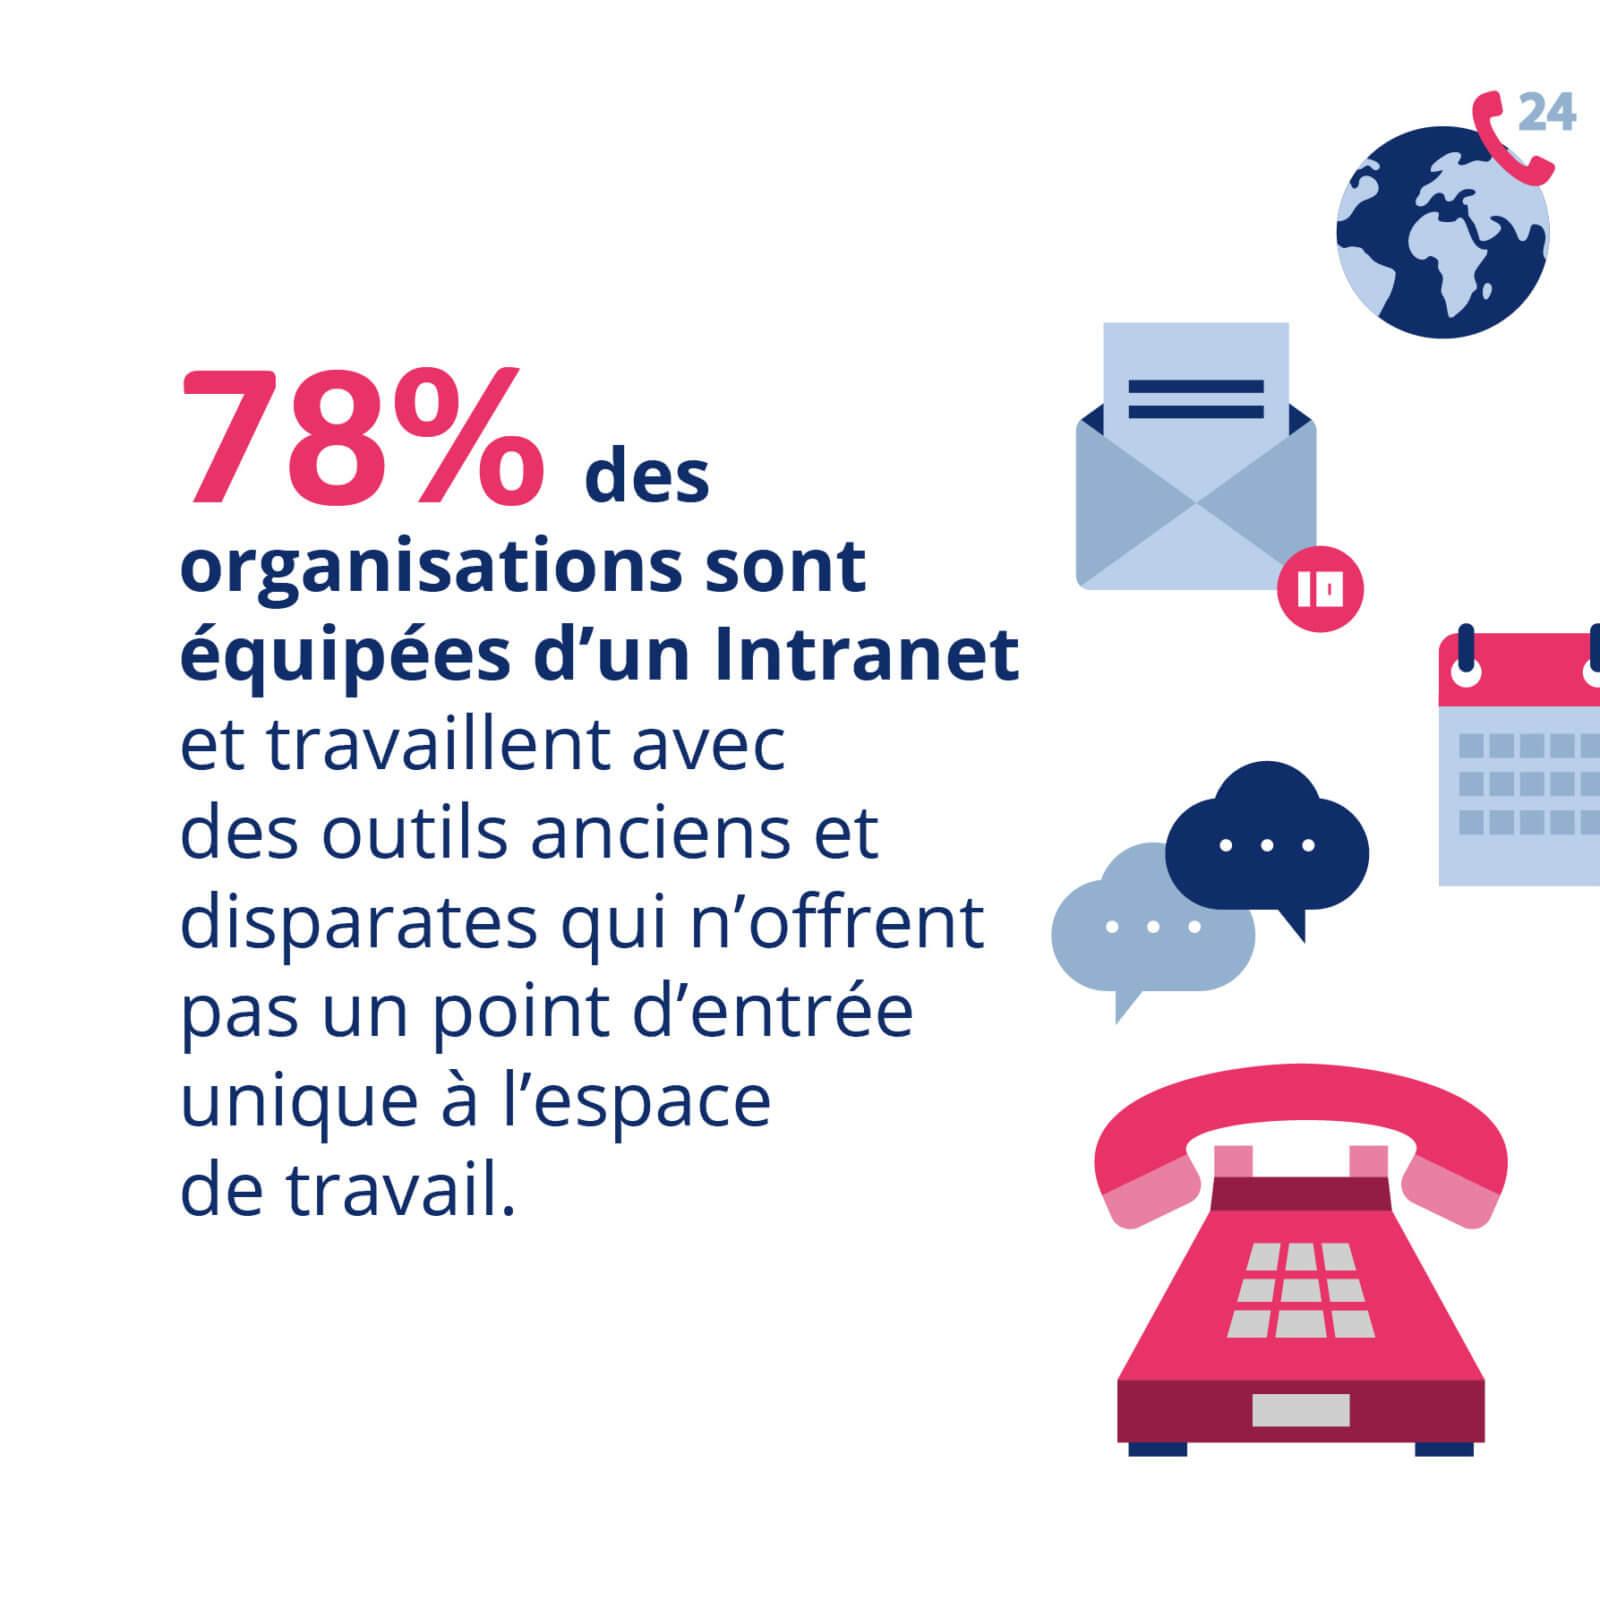 78% des organisations sont équipées d'un intranet et travaillent avec des outils anciens et disparates qui n'offrent pas un point d'entrée unique à l'espace de travail